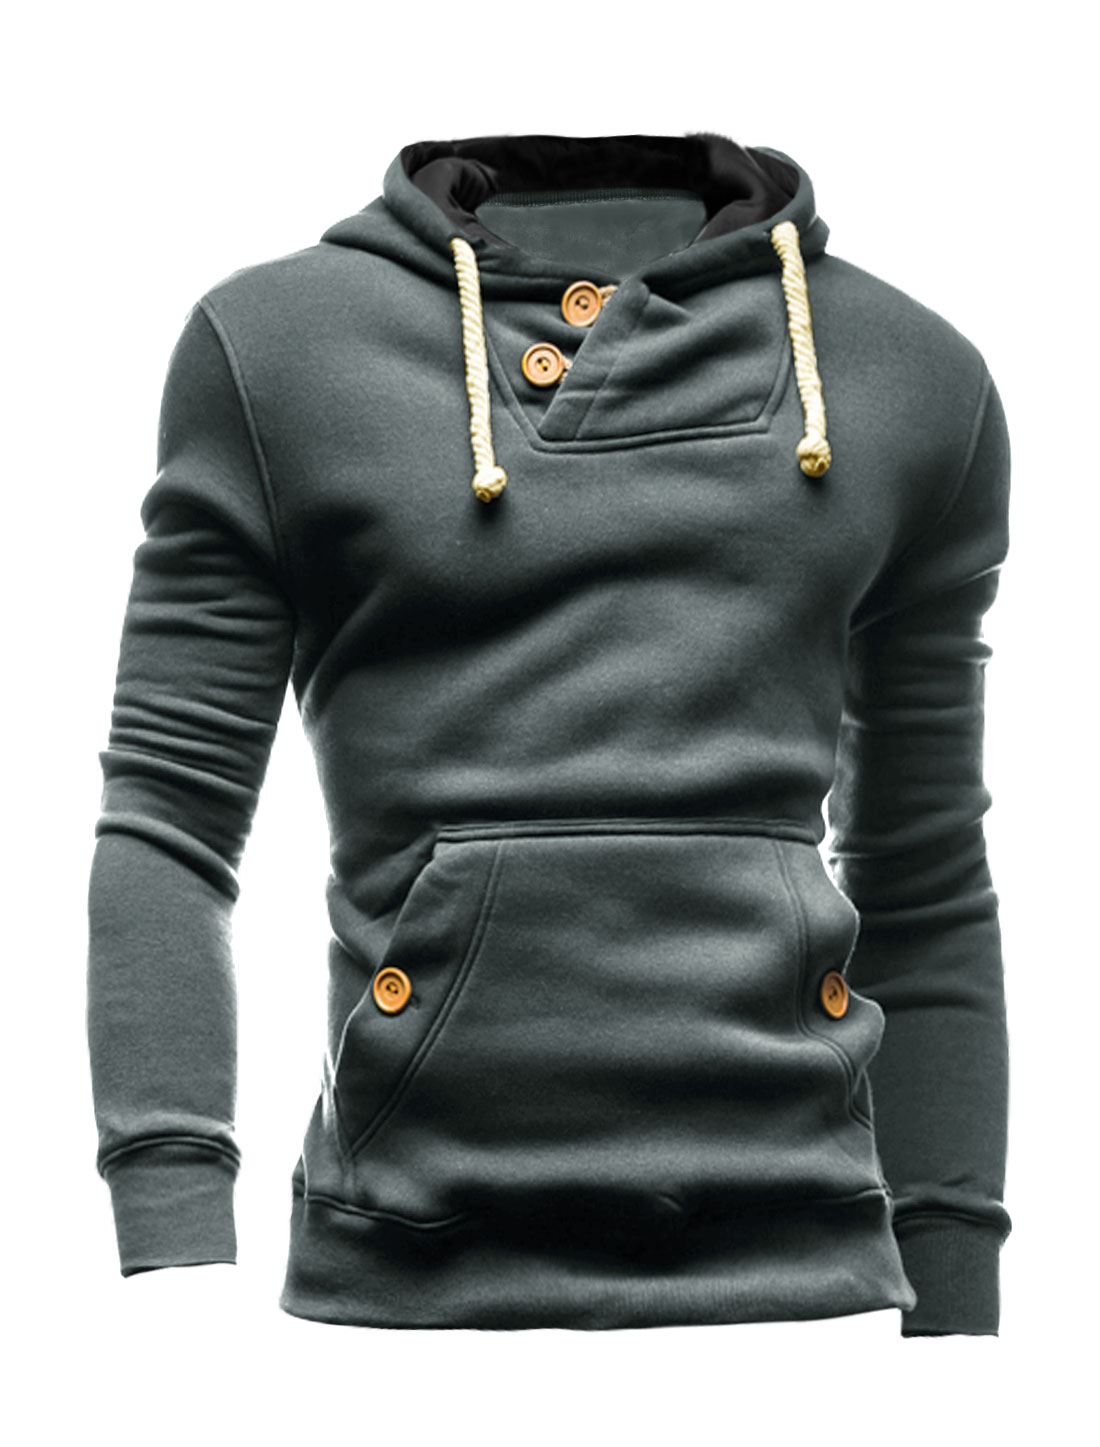 Men Button Loop Closure Kangaroo Pocket Slim Fit Hooded Sweatshirt Dark Gray M